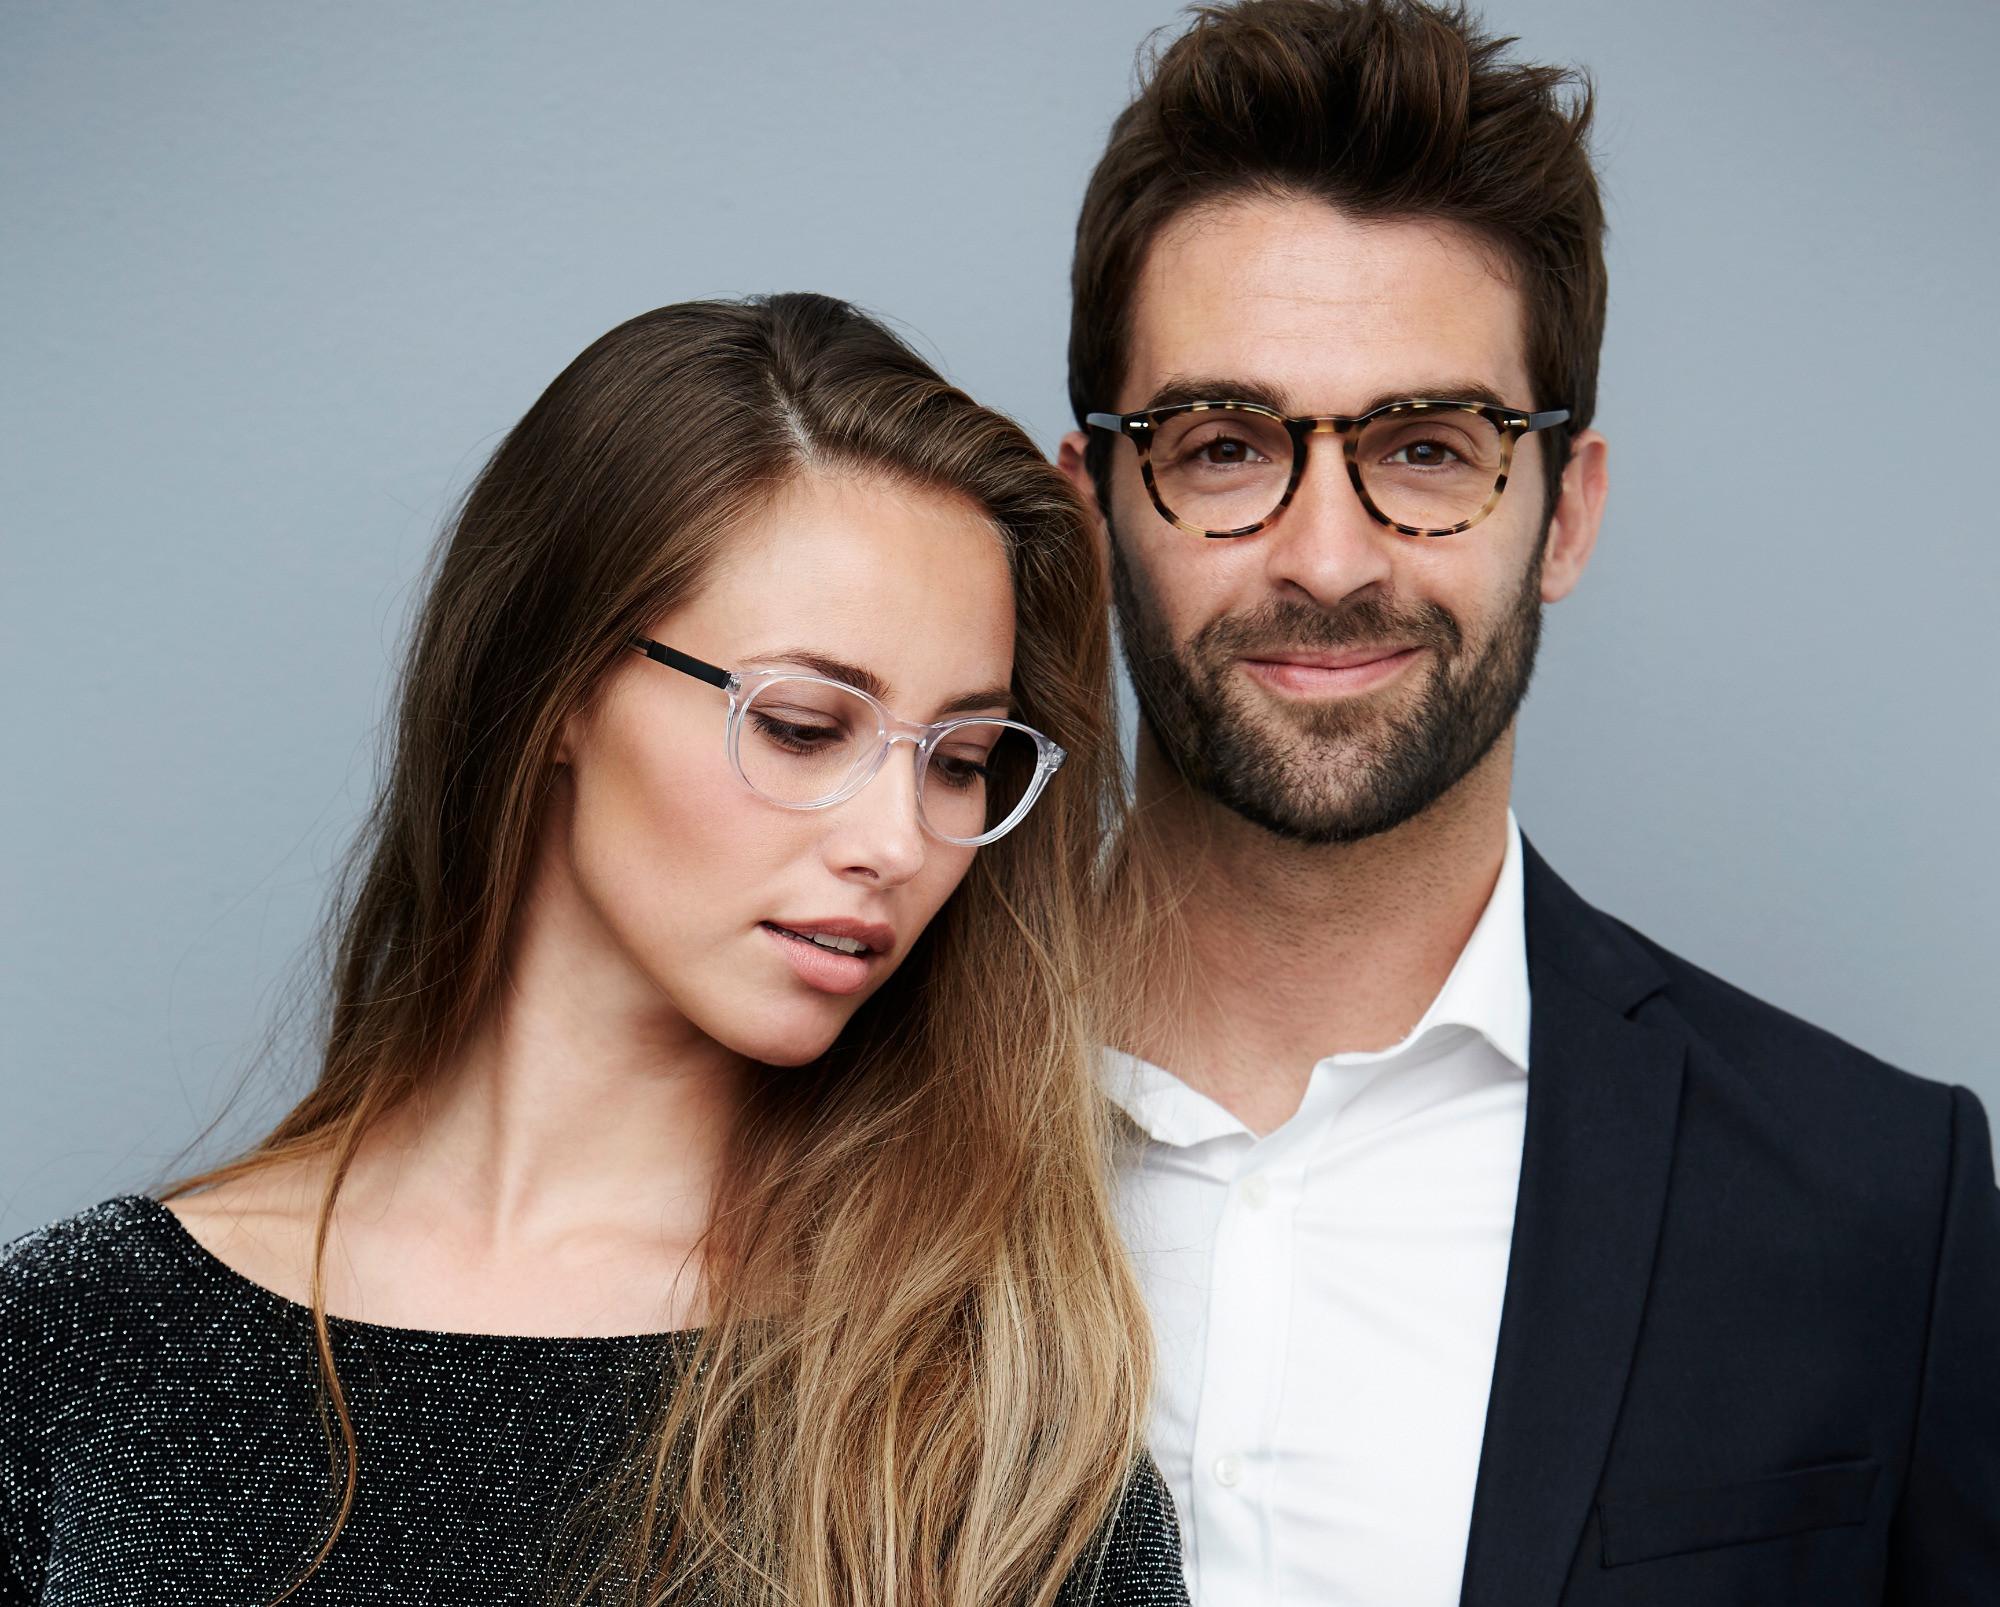 Ich möchte eine neue Brille.